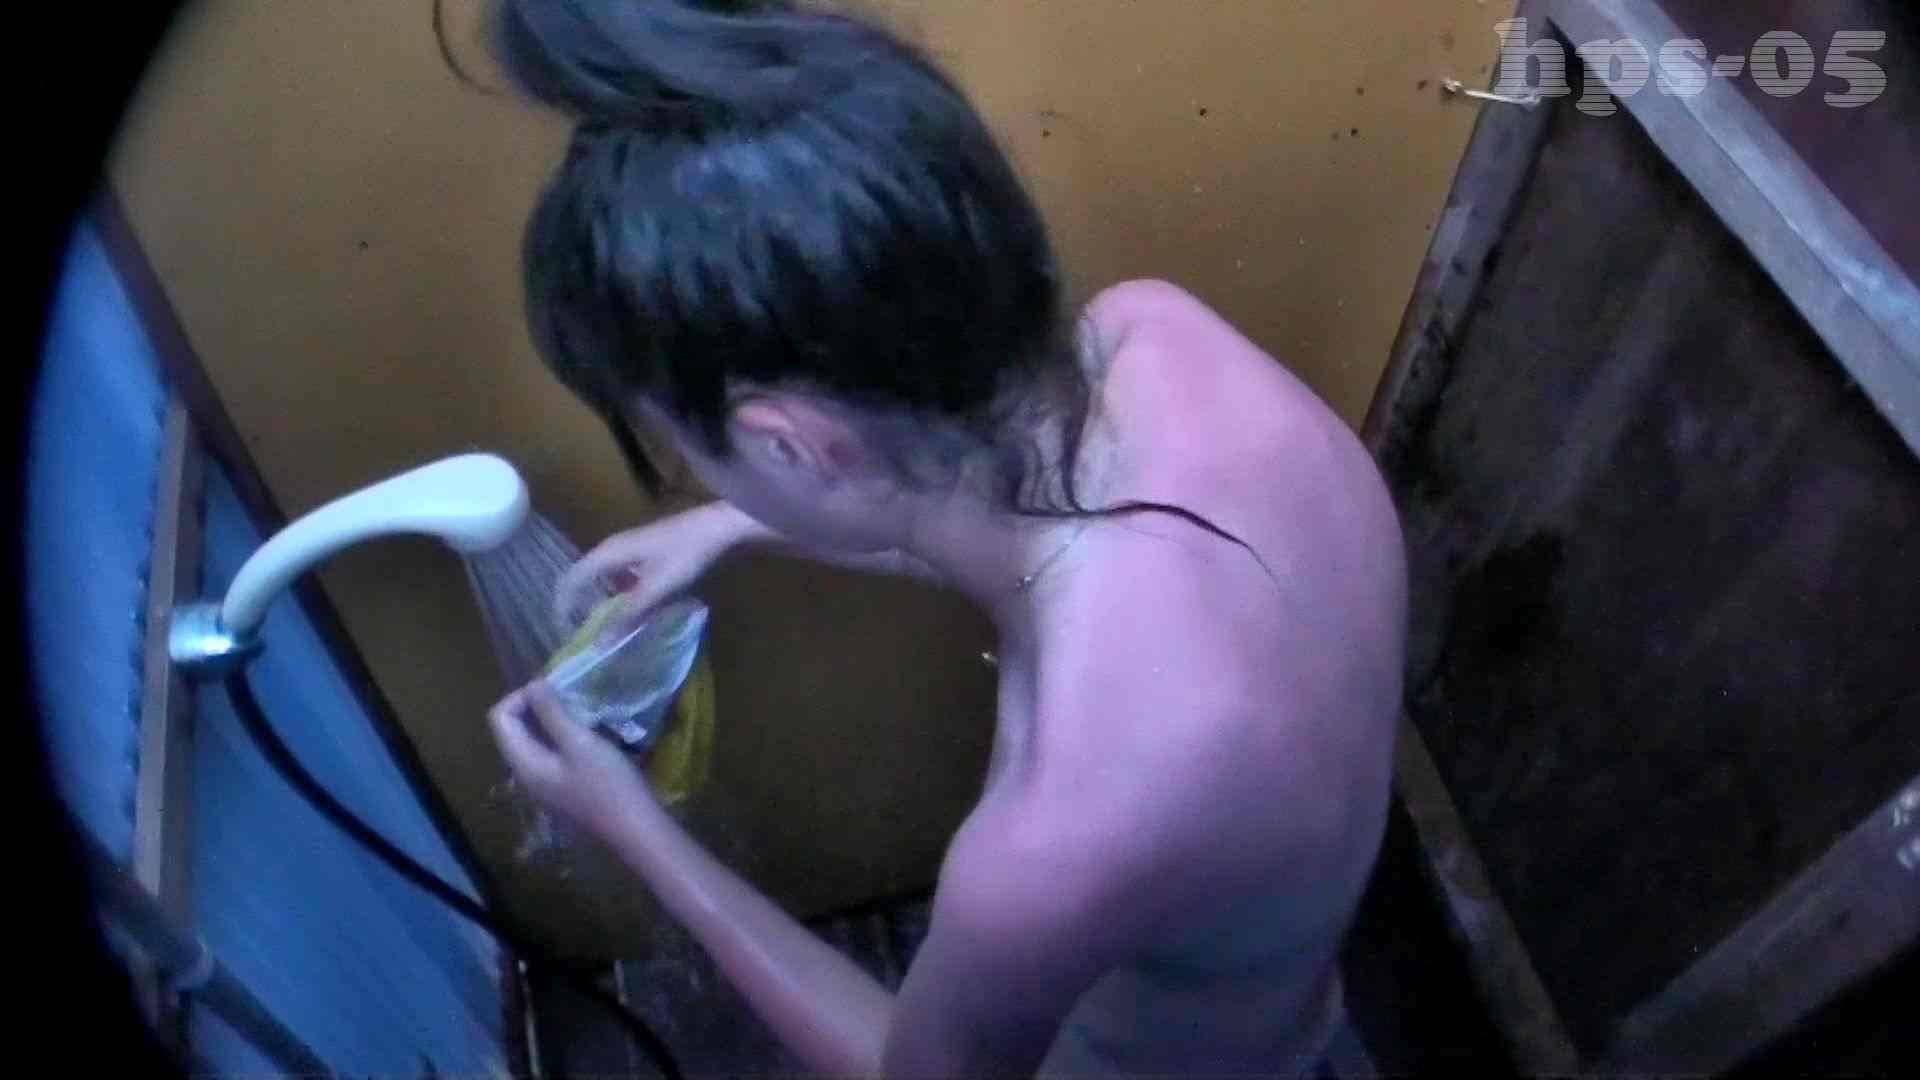 シャワールームは超!!危険な香りVol.5 執拗にパンツの汚れを気にしてます。凶暴な歯並び シャワー おめこ無修正動画無料 96pic 11